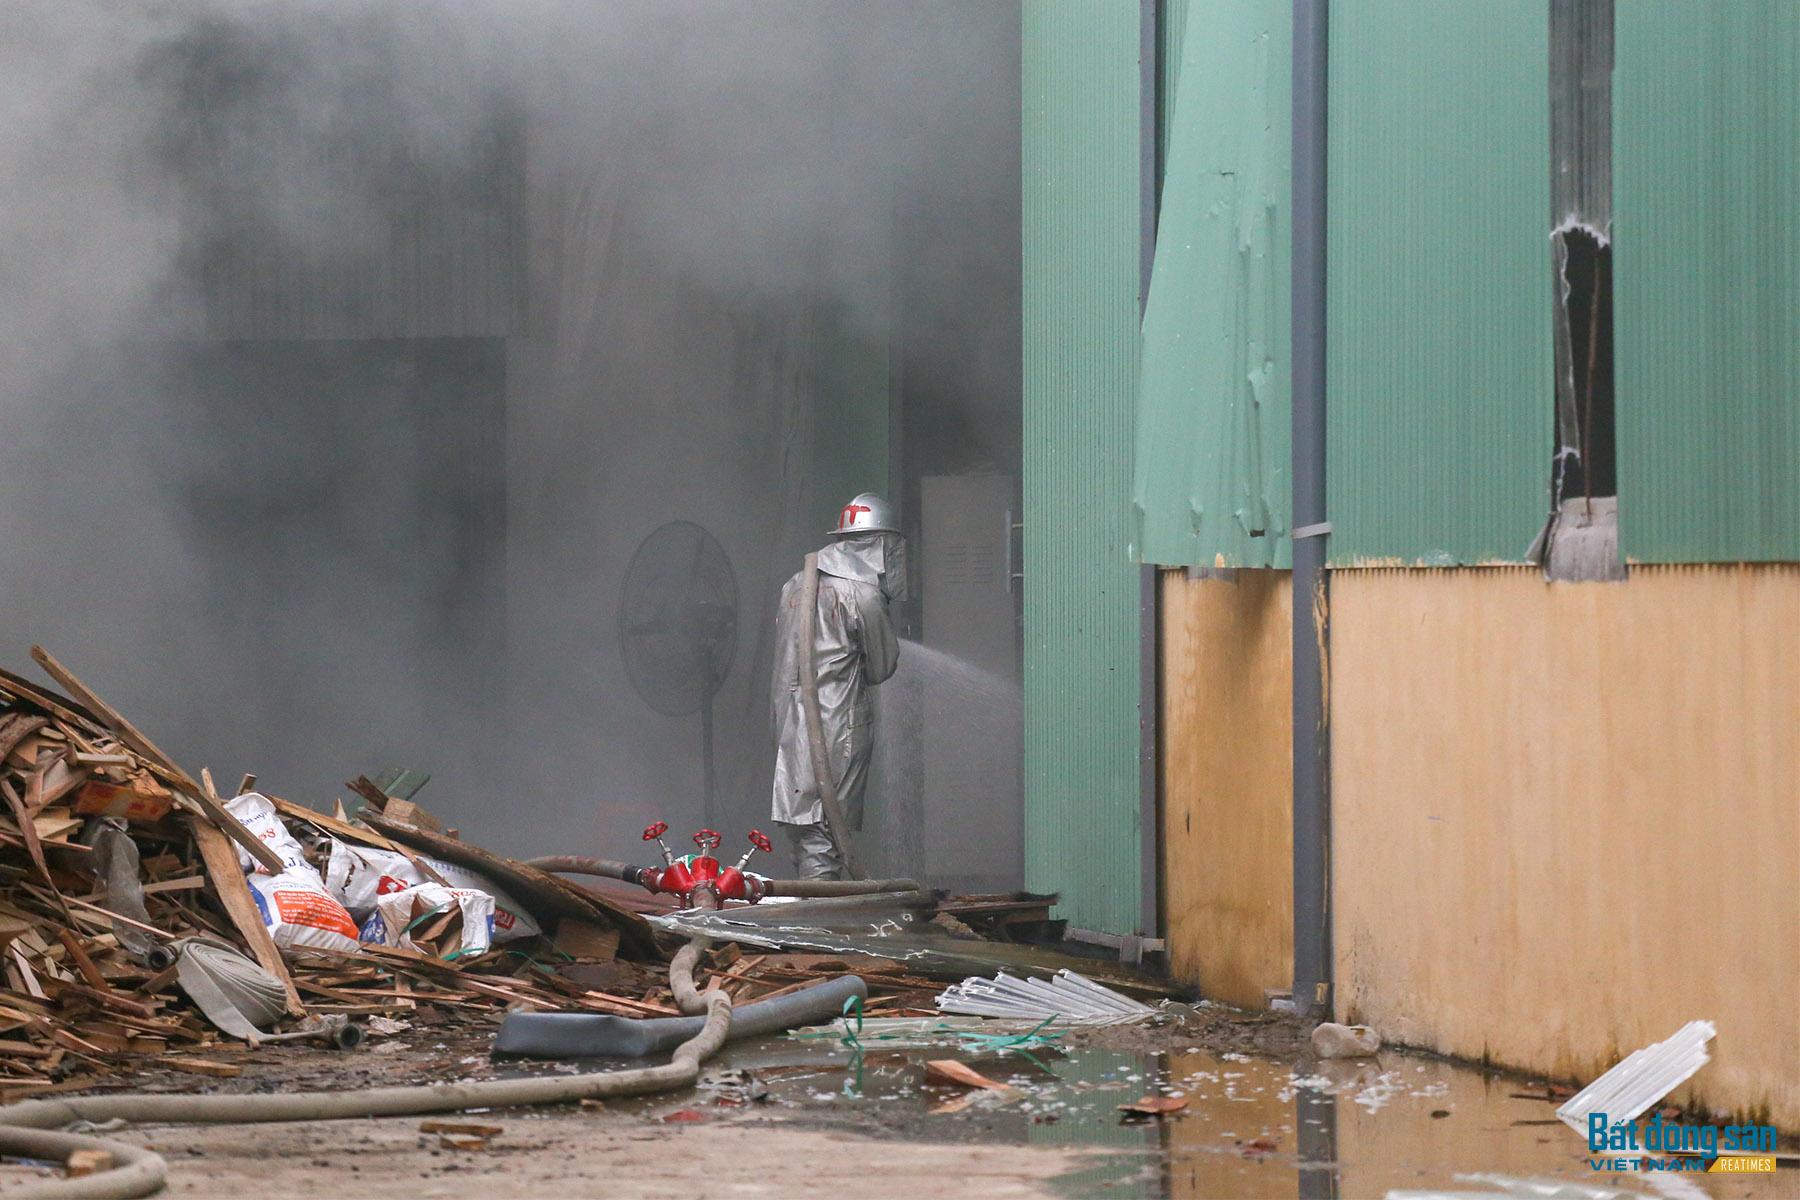 Hà Nội: Cháy lớn tại khu nhà xưởng đồ gỗ tại khu công nghiệp Bình Phú